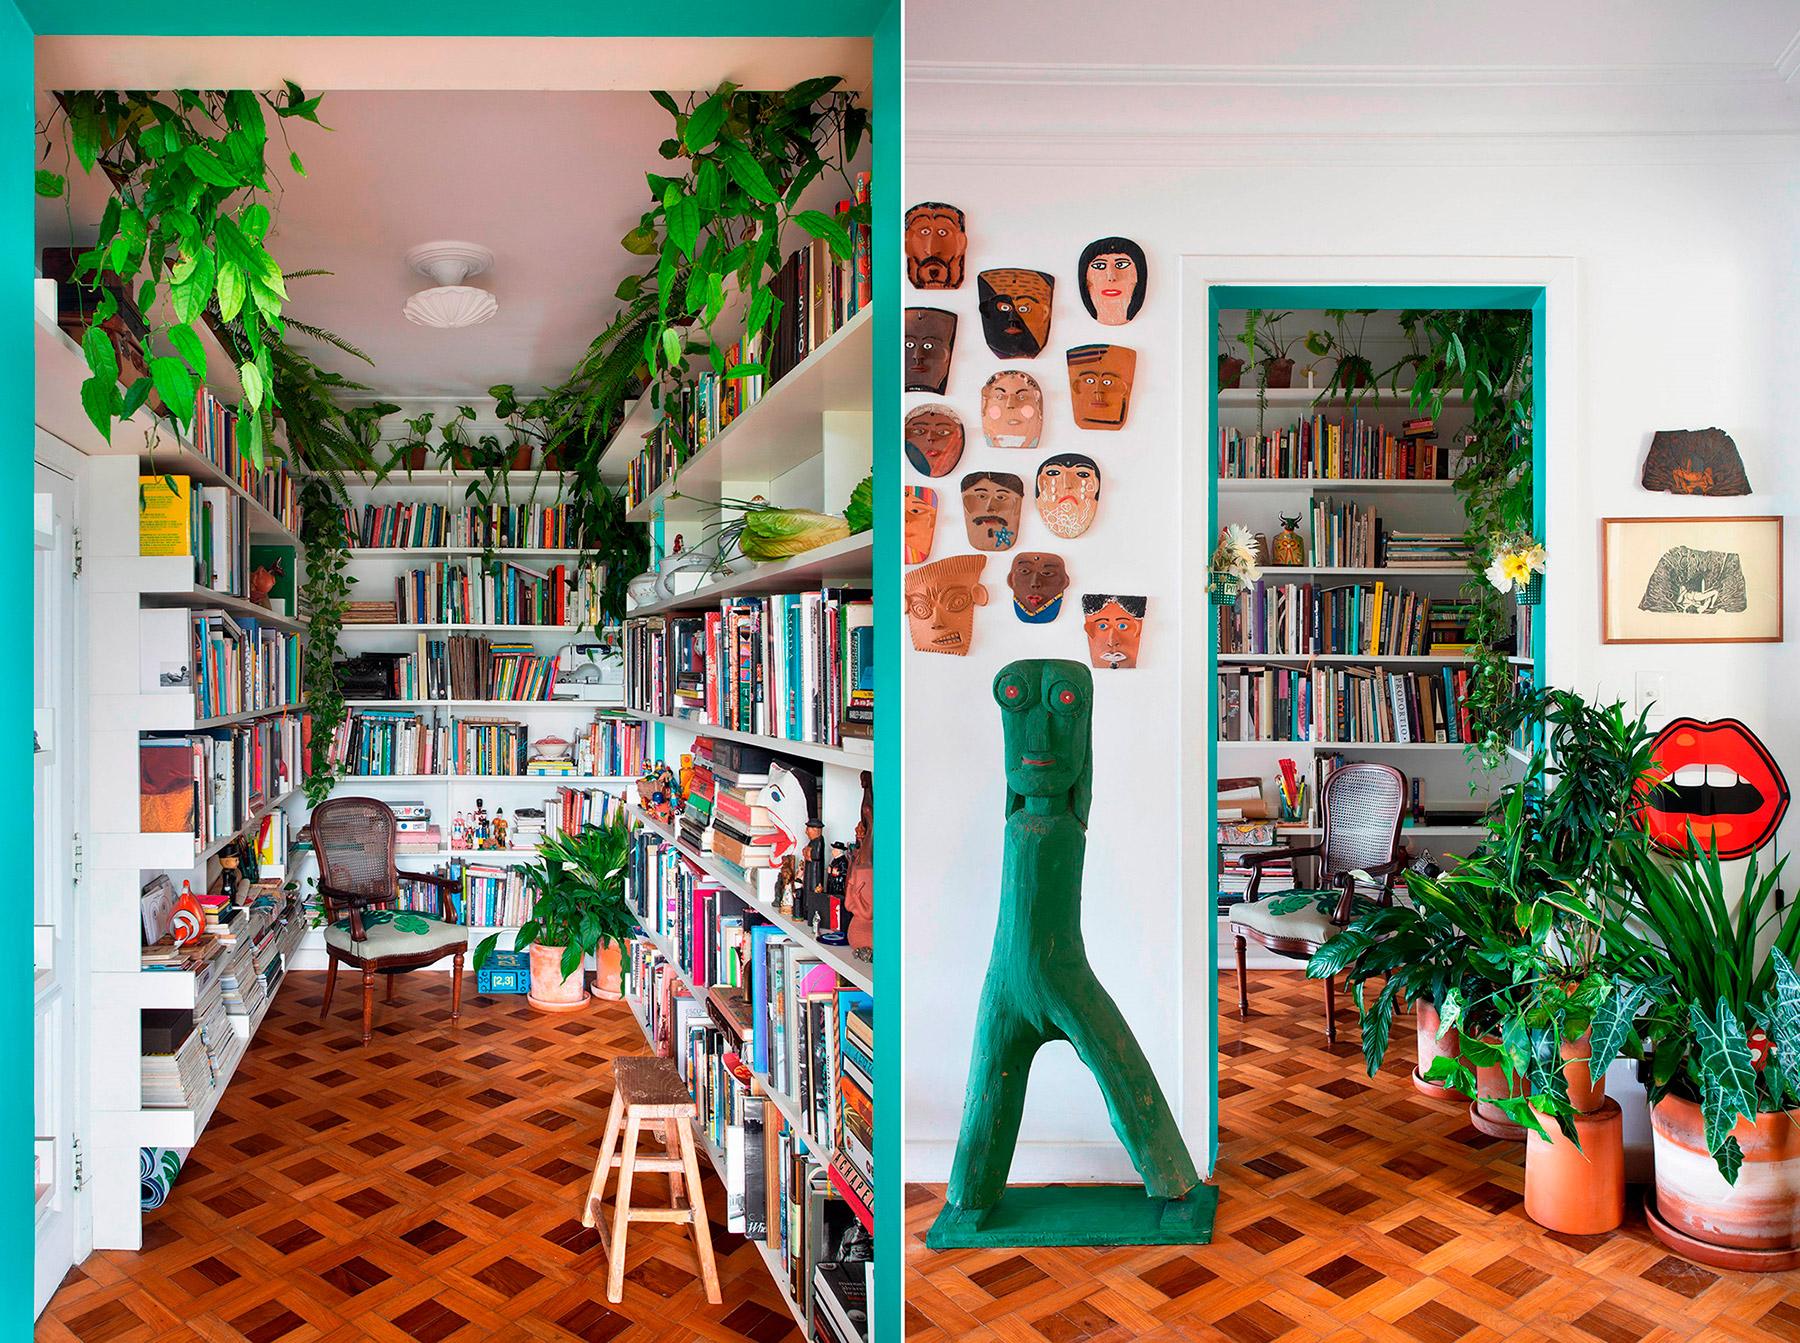 apartamento decor paisagismo isabela capeto anna luiza rothier plantas decoração rio de janeiro